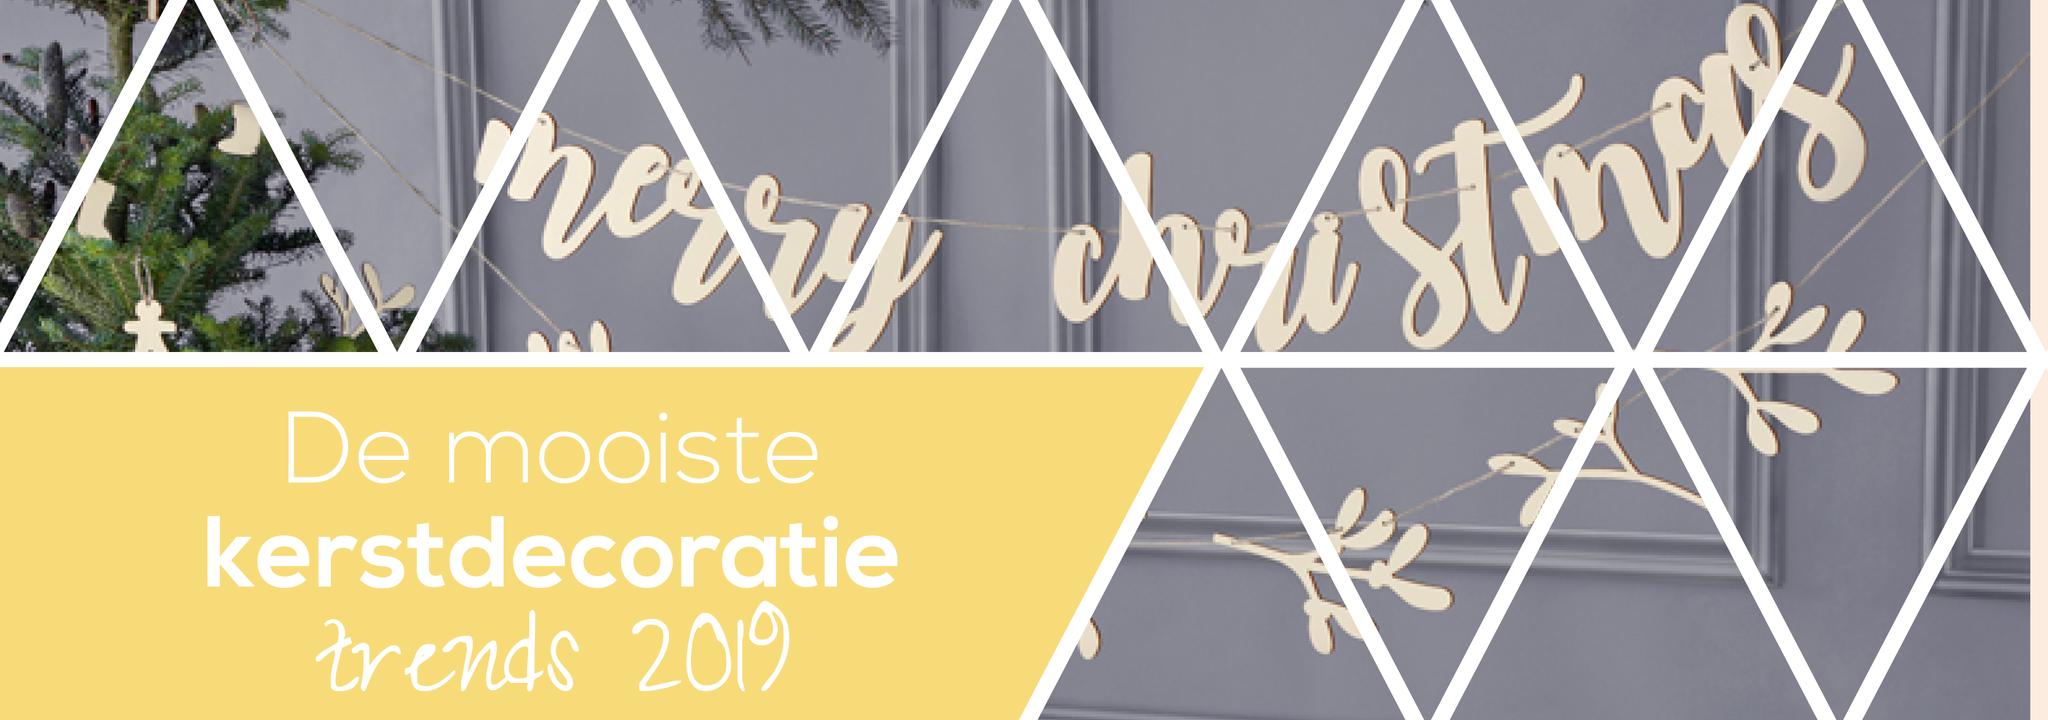 De mooiste kerstdecoratie trends 2019